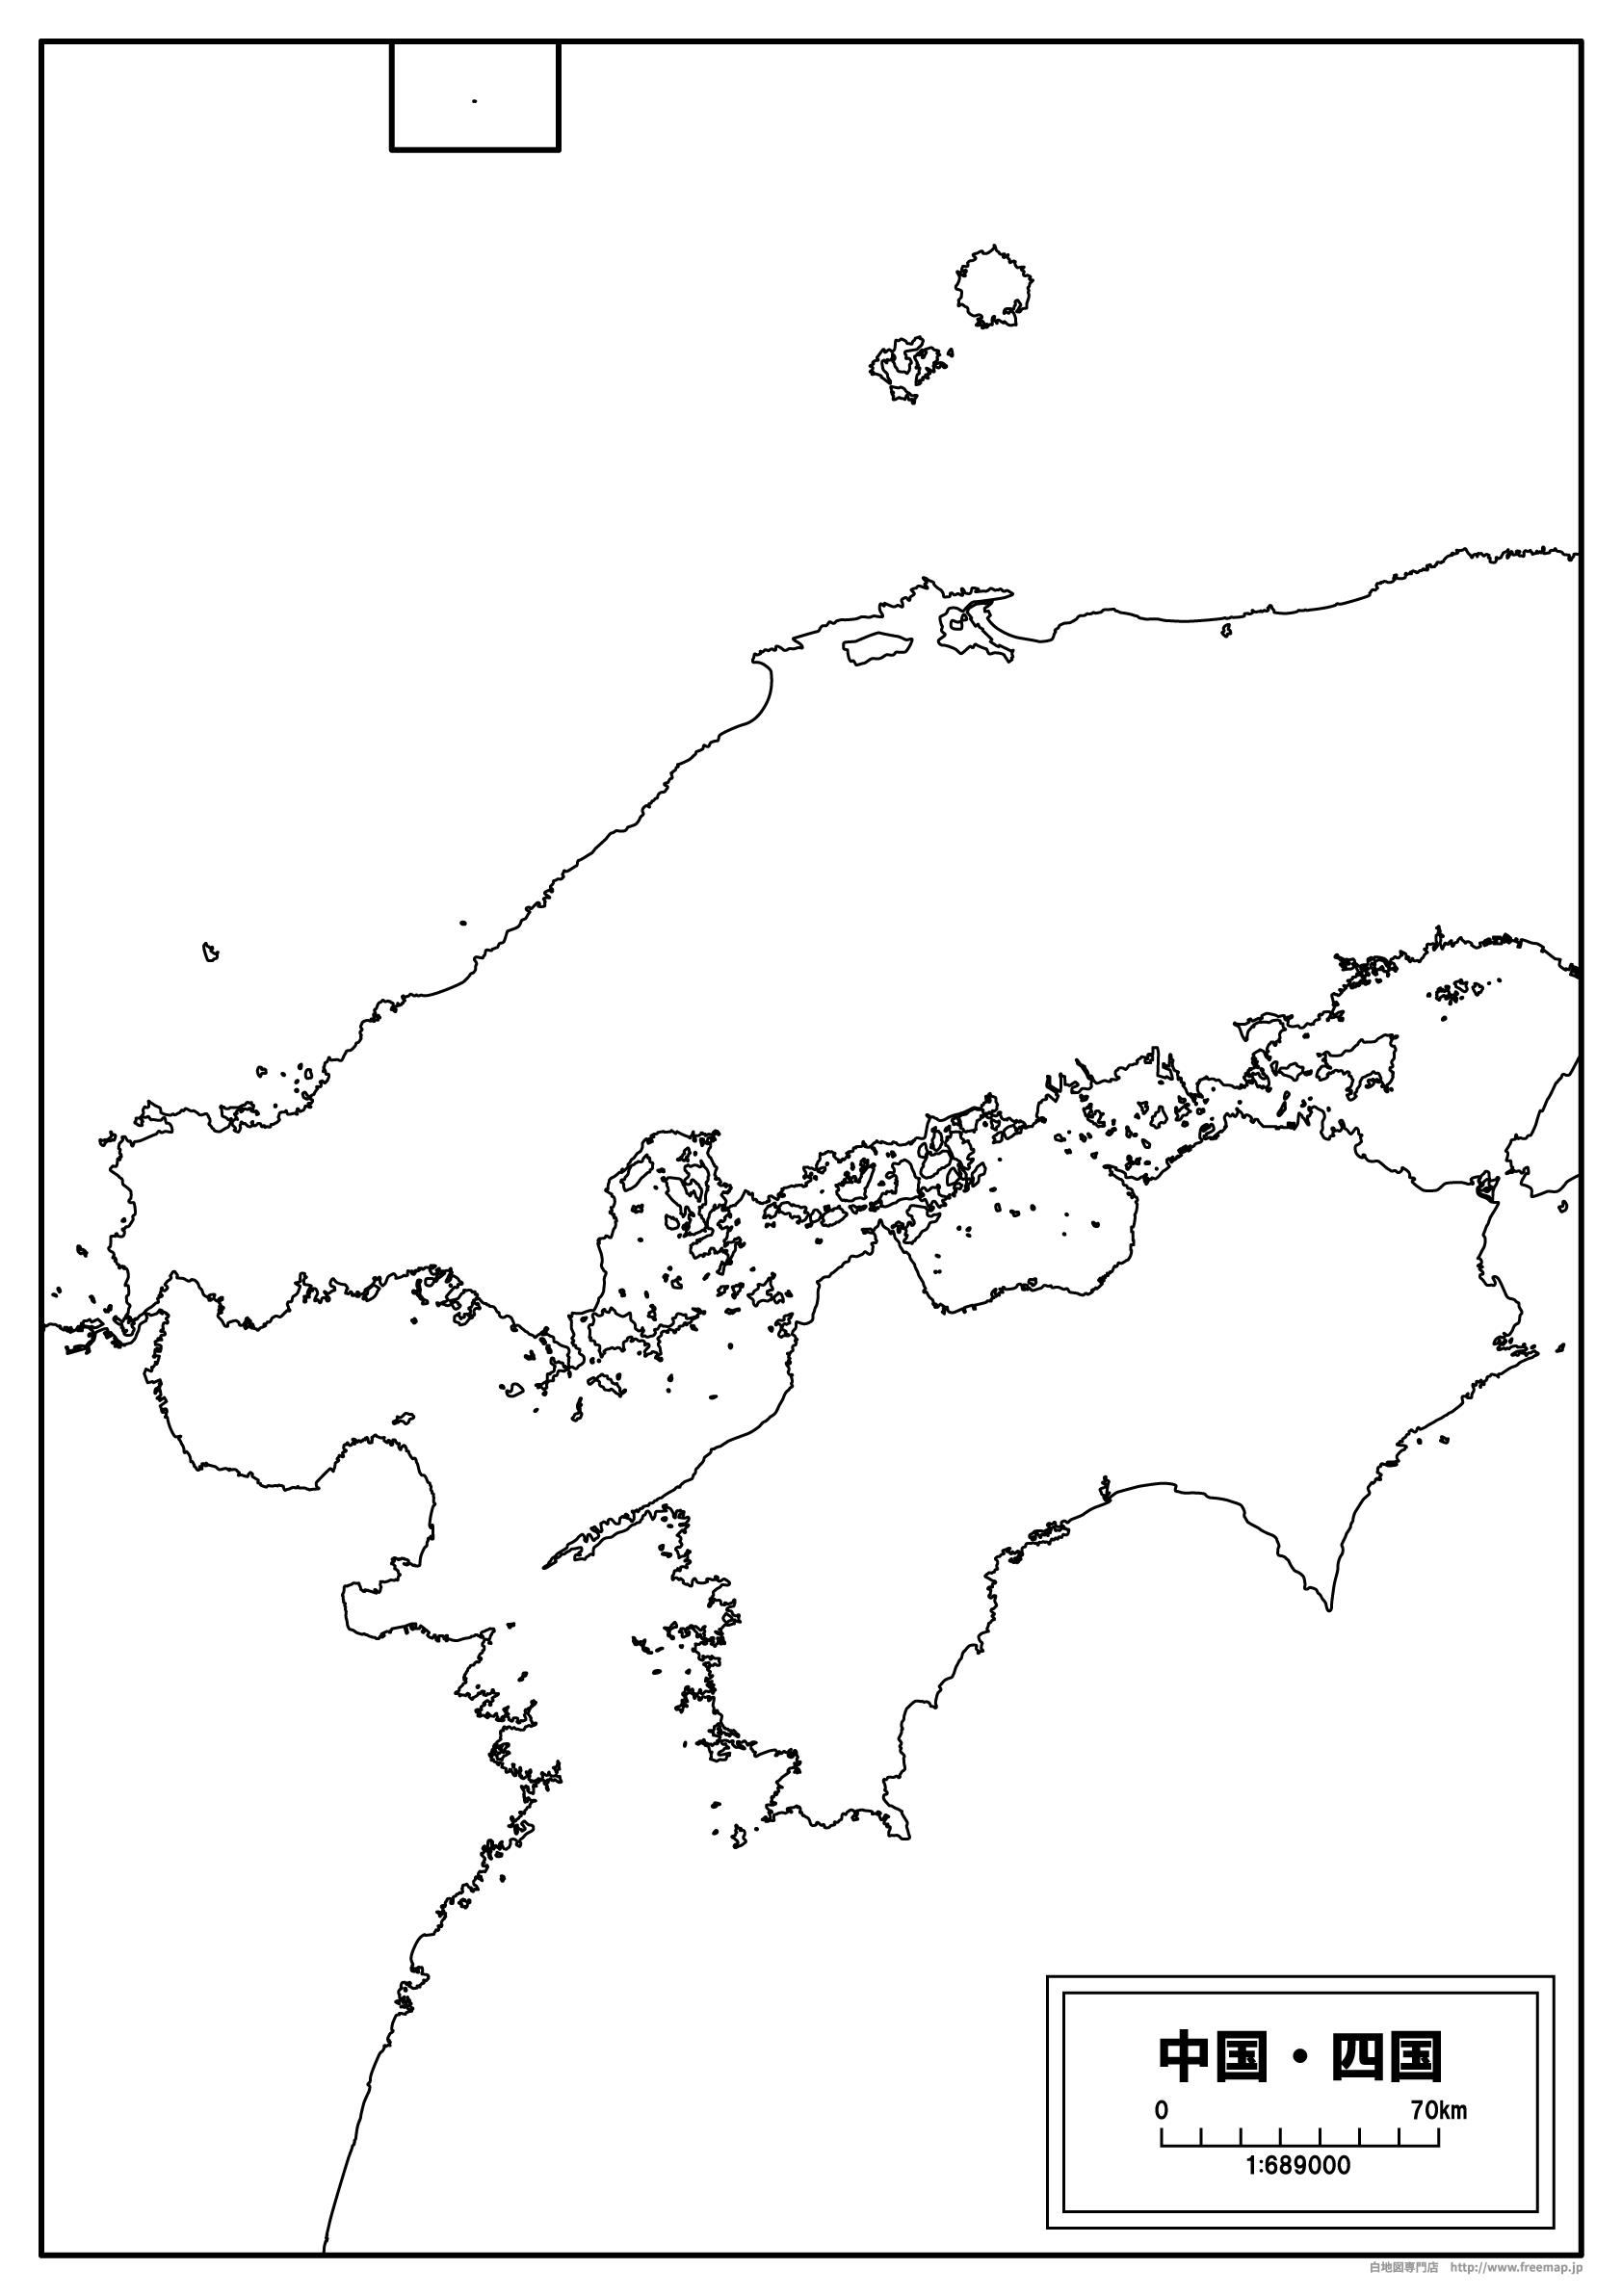 中国・四国地方の白地図を無料ダウンロード | 白地図専門店